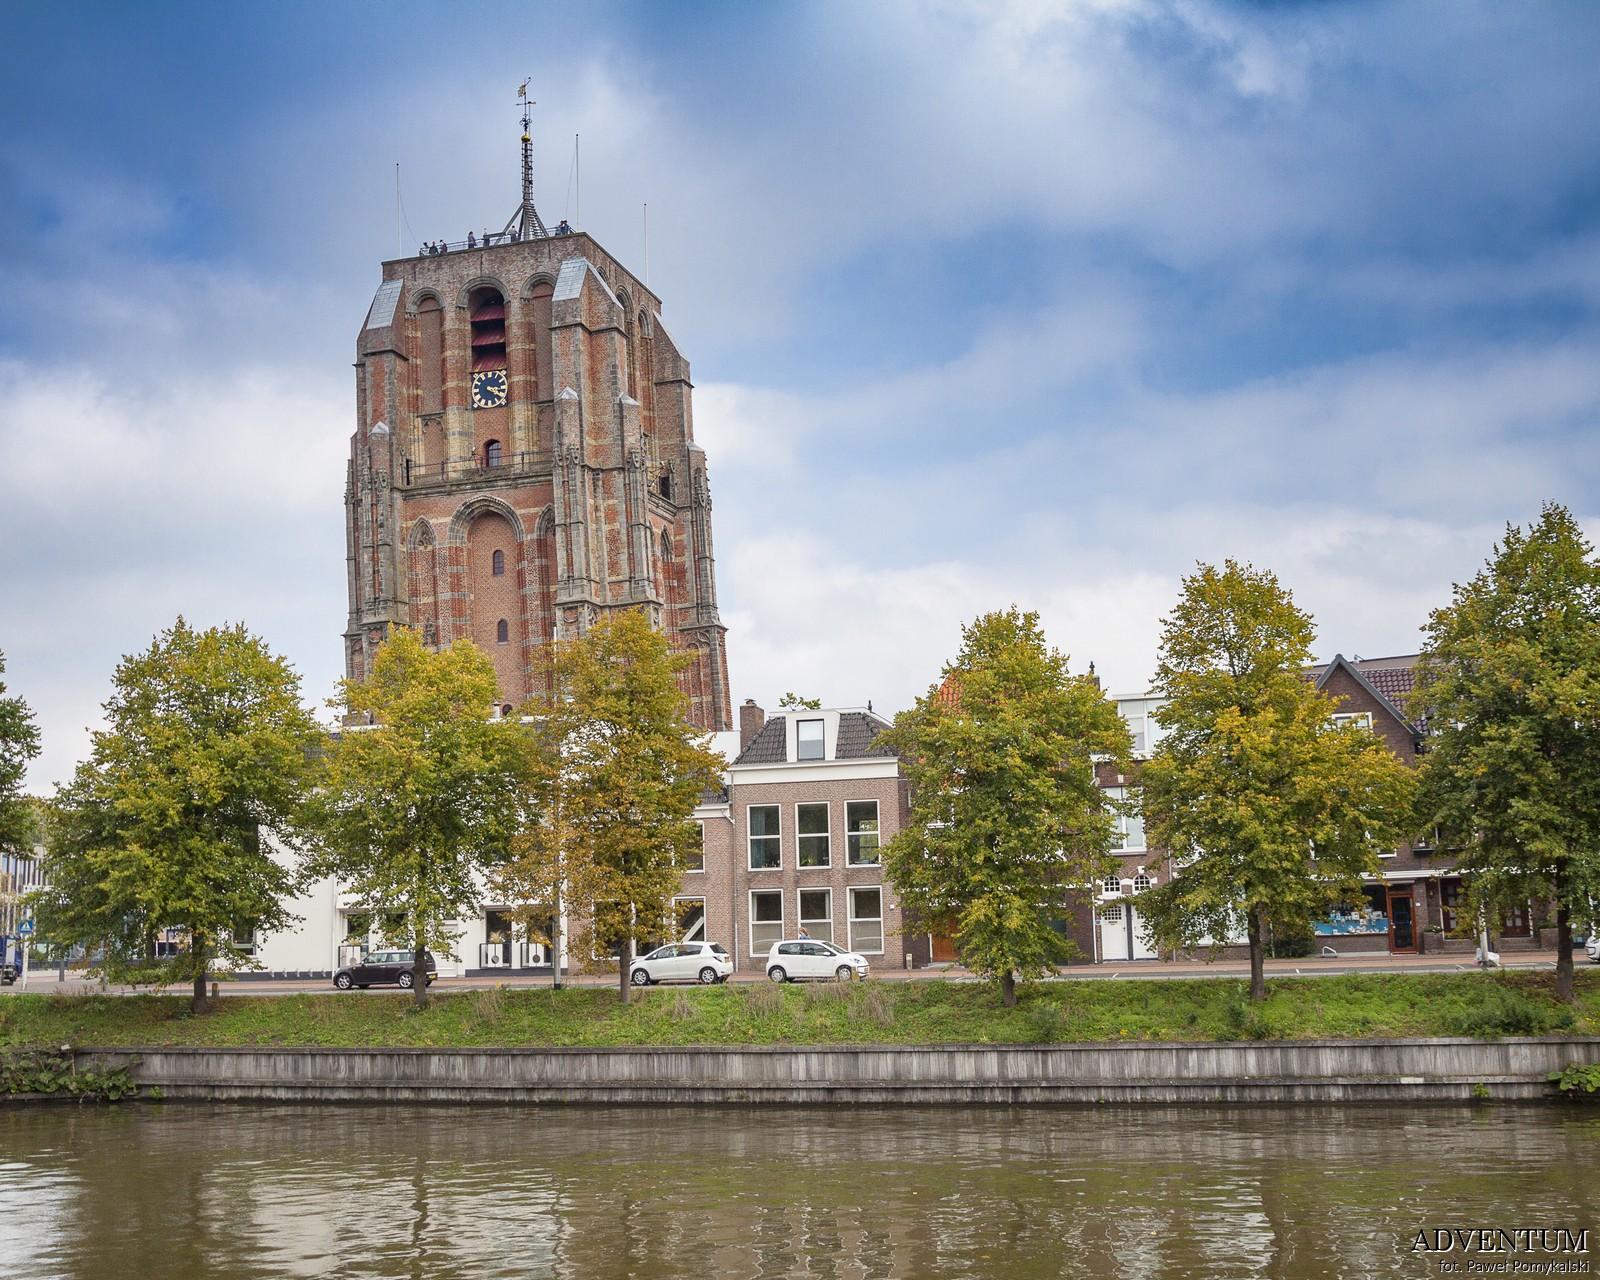 Holandia Leeuwarden Atrakcje Zwiedzanie co Zobaczyć Amsterdam Rotterdam Haga Kanały Wiatraki